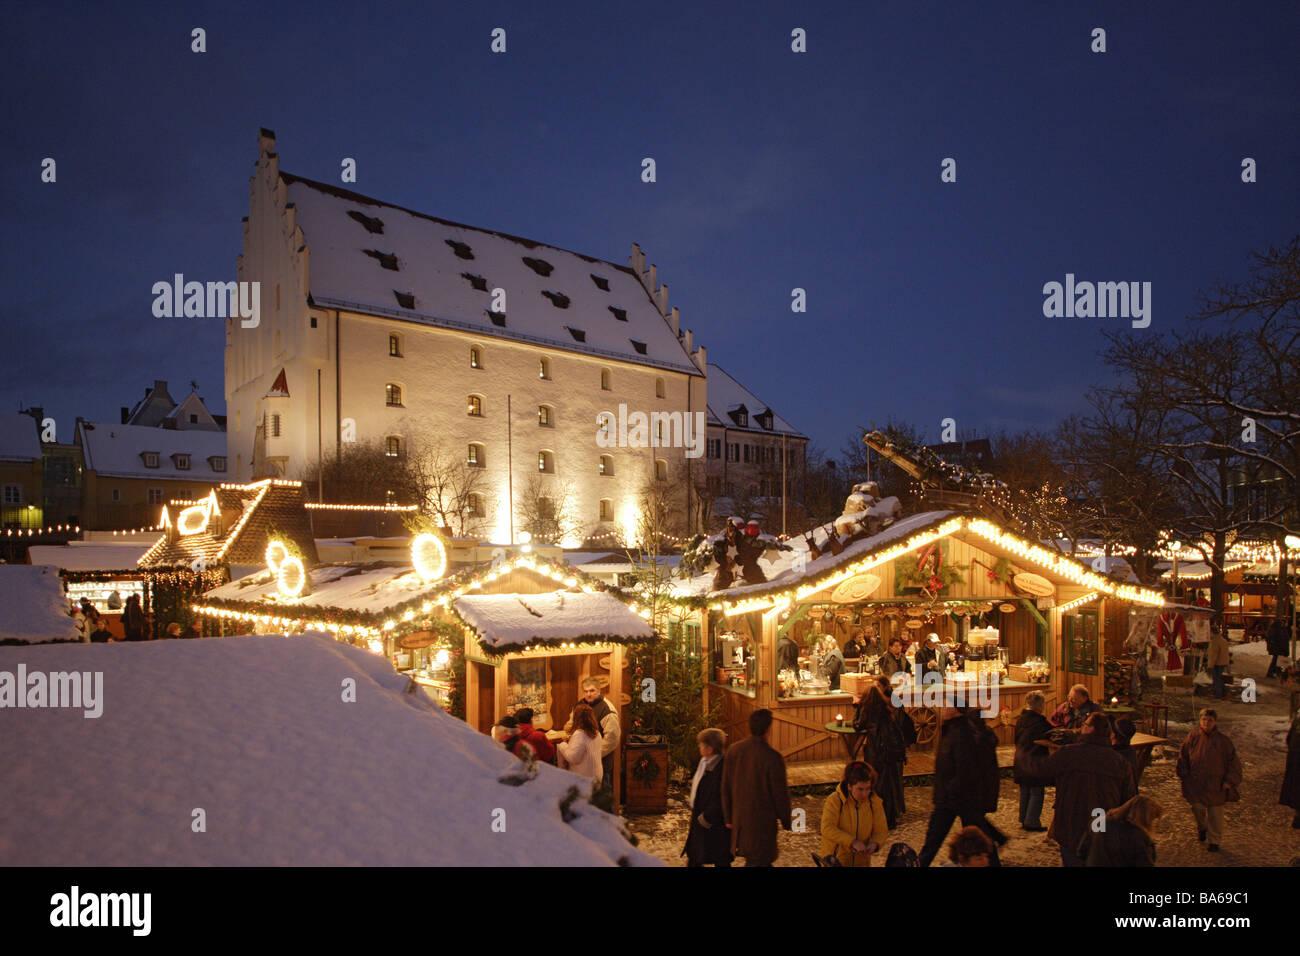 Deutschland Bayern Ingolstadt Weihnachtsmarkt Abend Stadt